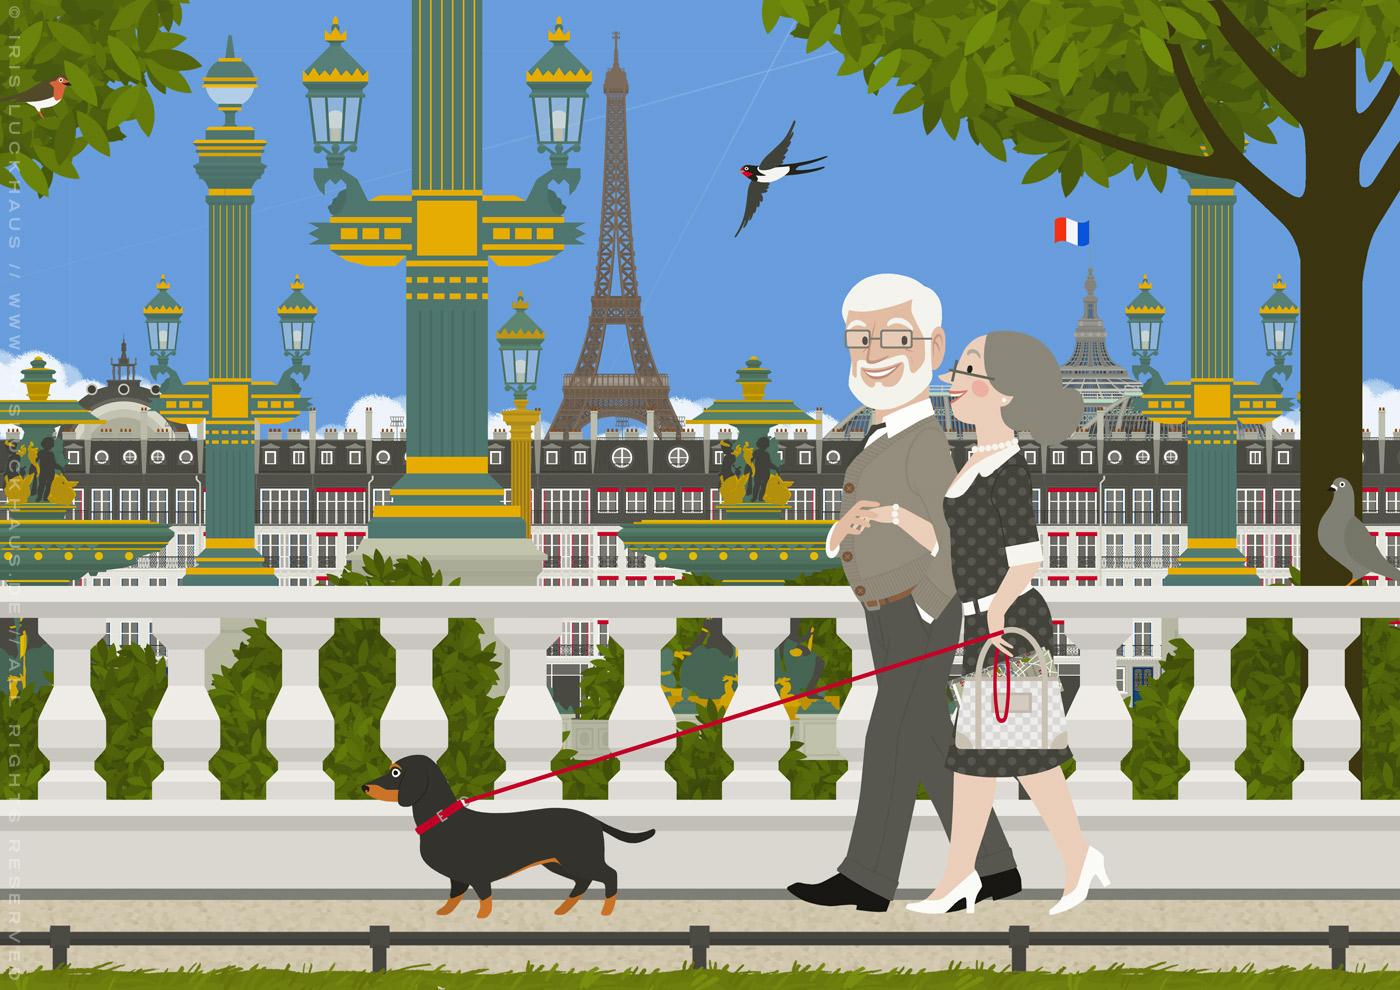 Zeichnung eines alten Pärchens mit Dackel, das einen Spaziergang durch Paris unternimmt und dabei an der Place de la Concorde vorbeikommt, von Iris Luckhaus